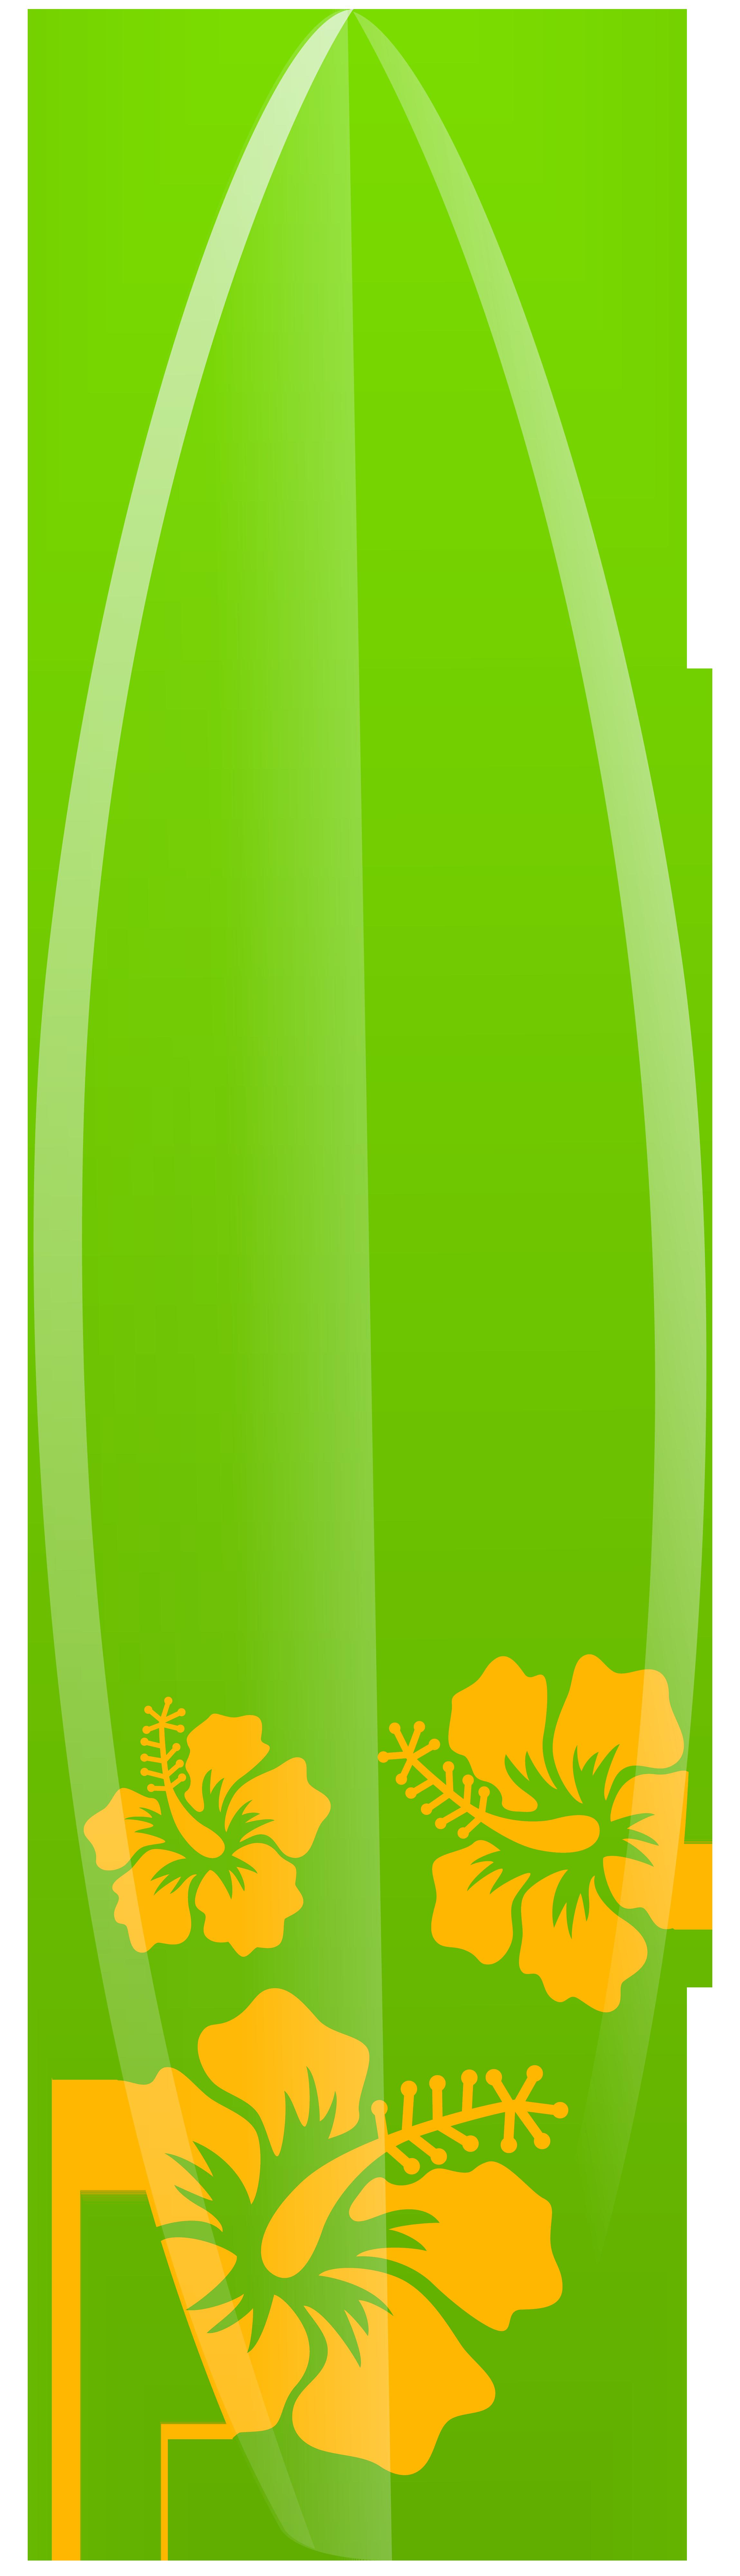 Clipart grass rain. Surfboard png clip art